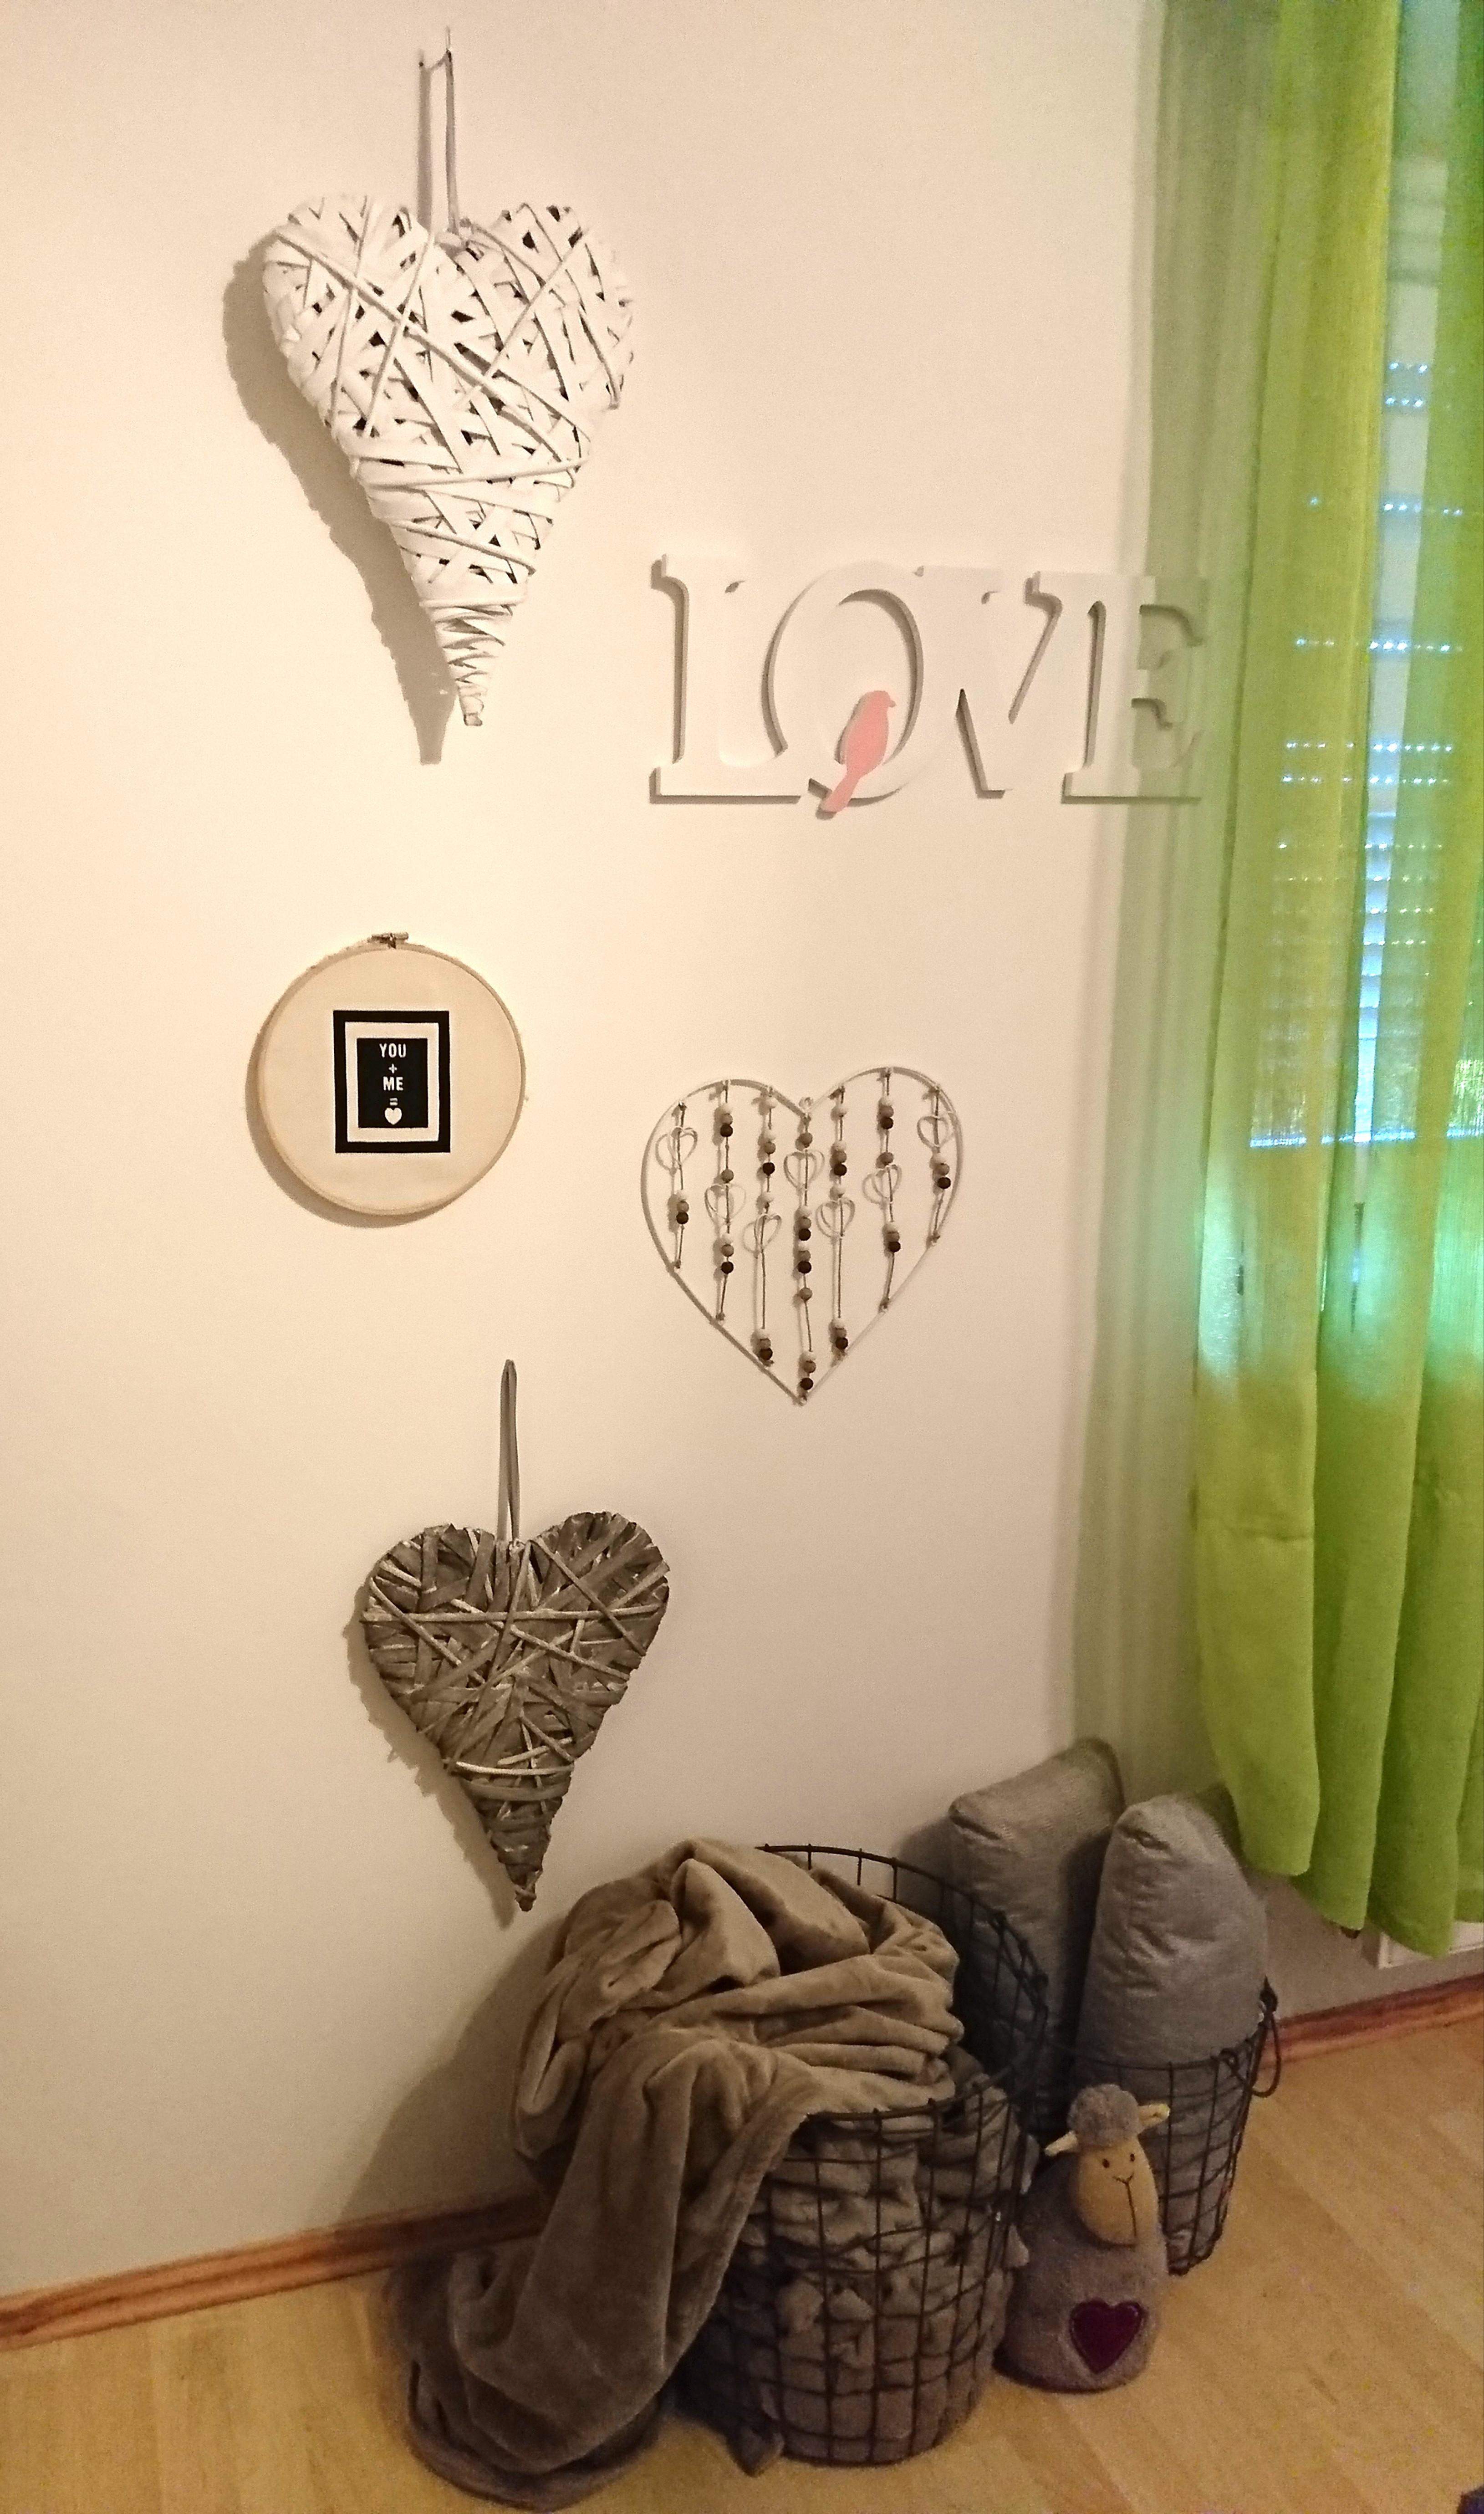 Wand Etwas Verschönert:) #schlafzimmer #körbe #love #wanddeko #decke #